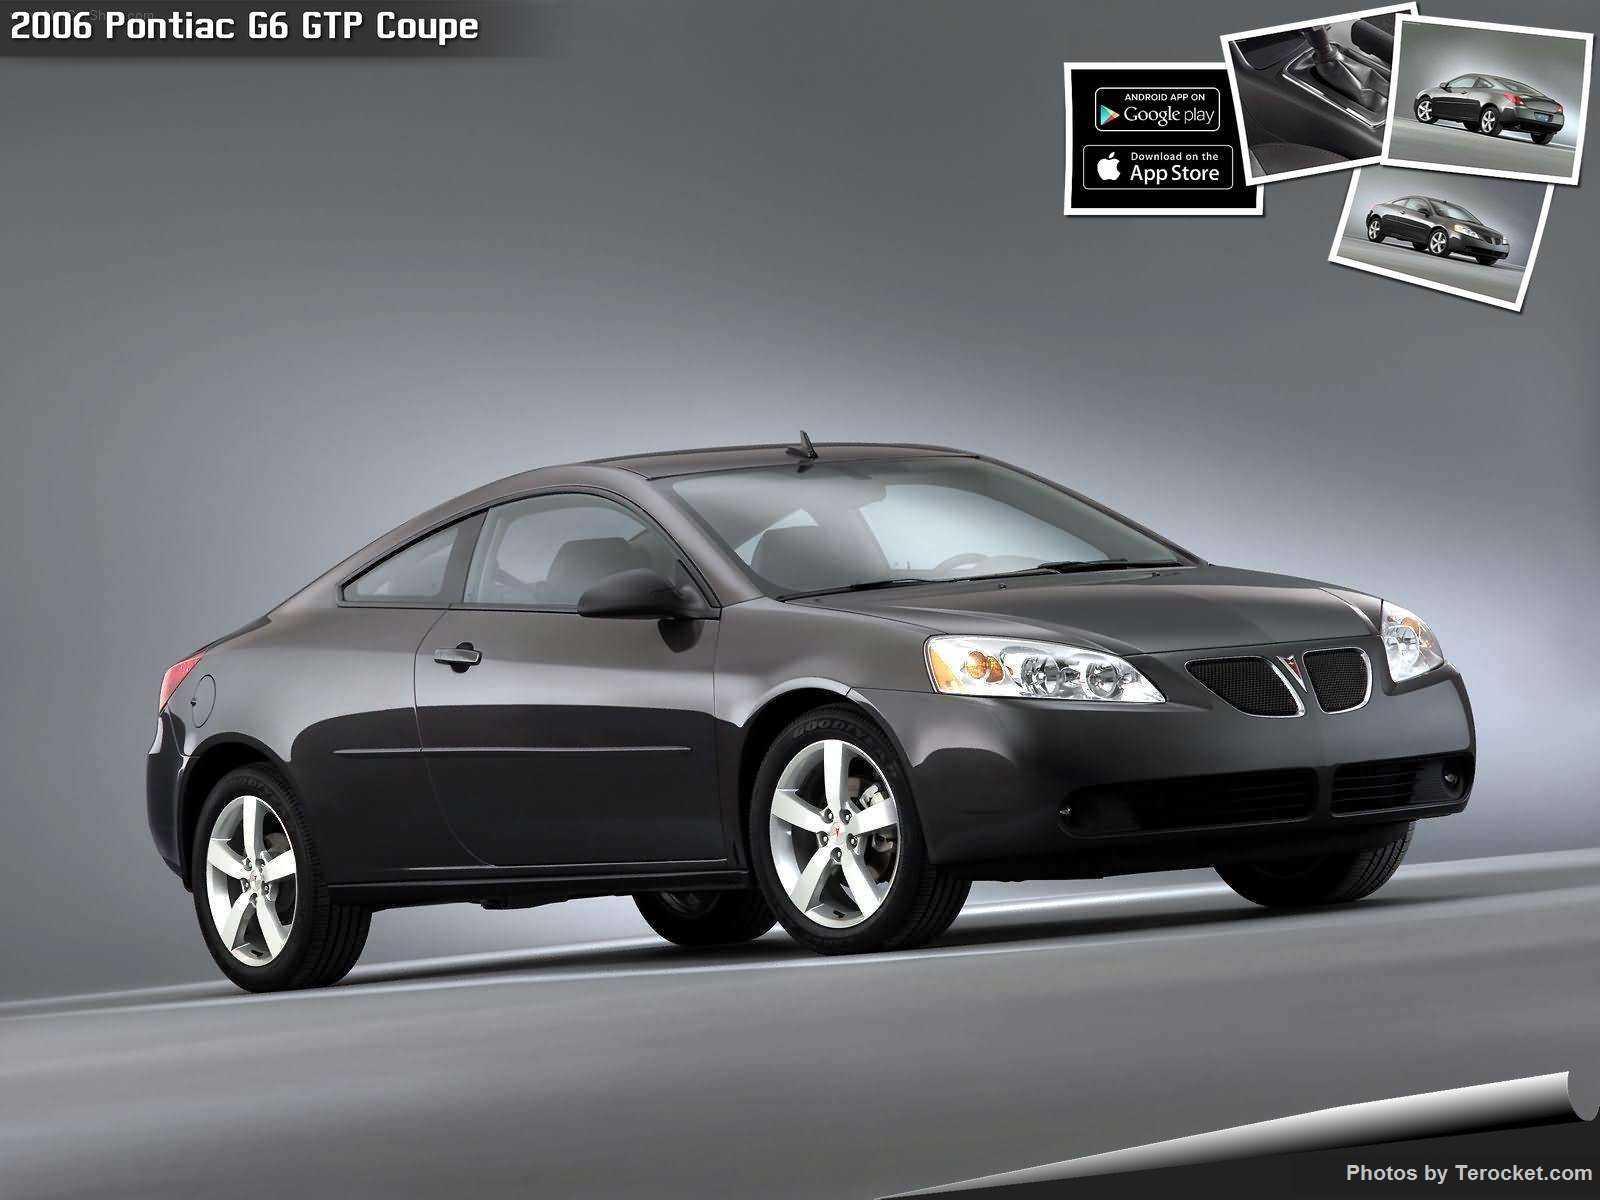 Hình ảnh xe ô tô Pontiac G6 GTP Coupe 2006 & nội ngoại thất